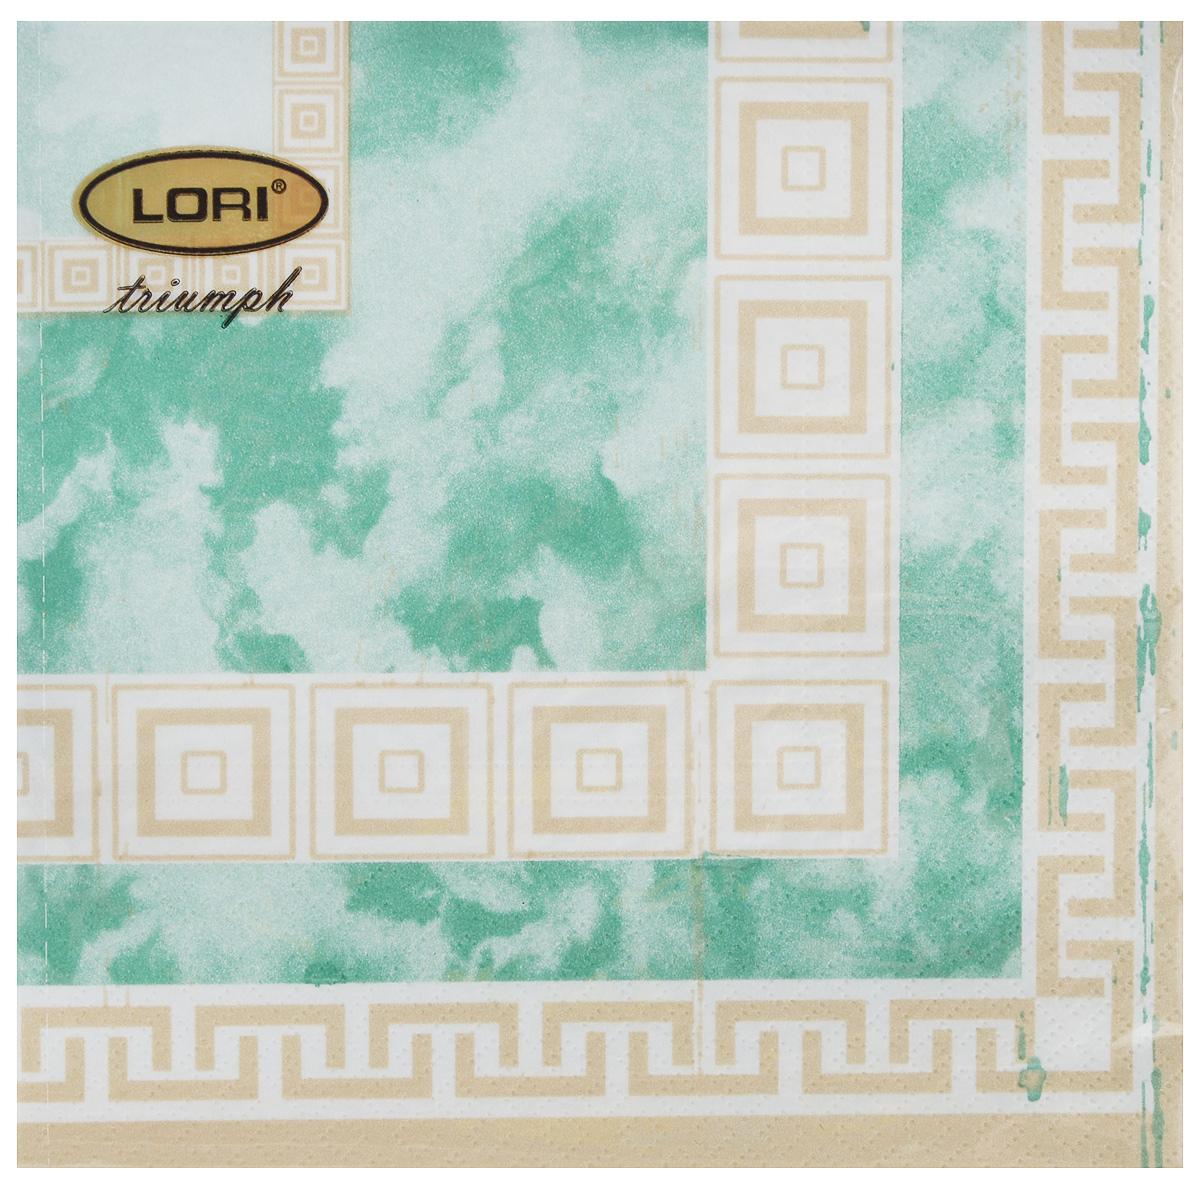 Салфетки бумажные Lori Triumph, трехслойные, цвет: зеленый, светло-коричневый, 33 х 33 см, 20 штIRK-503Декоративные трехслойные салфетки Lori Triumph выполнены из 100% целлюлозы и оформлены ярким рисунком. Изделия станут отличным дополнением любого праздничного стола. Они отличаются необычной мягкостью, прочностью и оригинальностью.Размер салфеток в развернутом виде: 33 х 33 см.